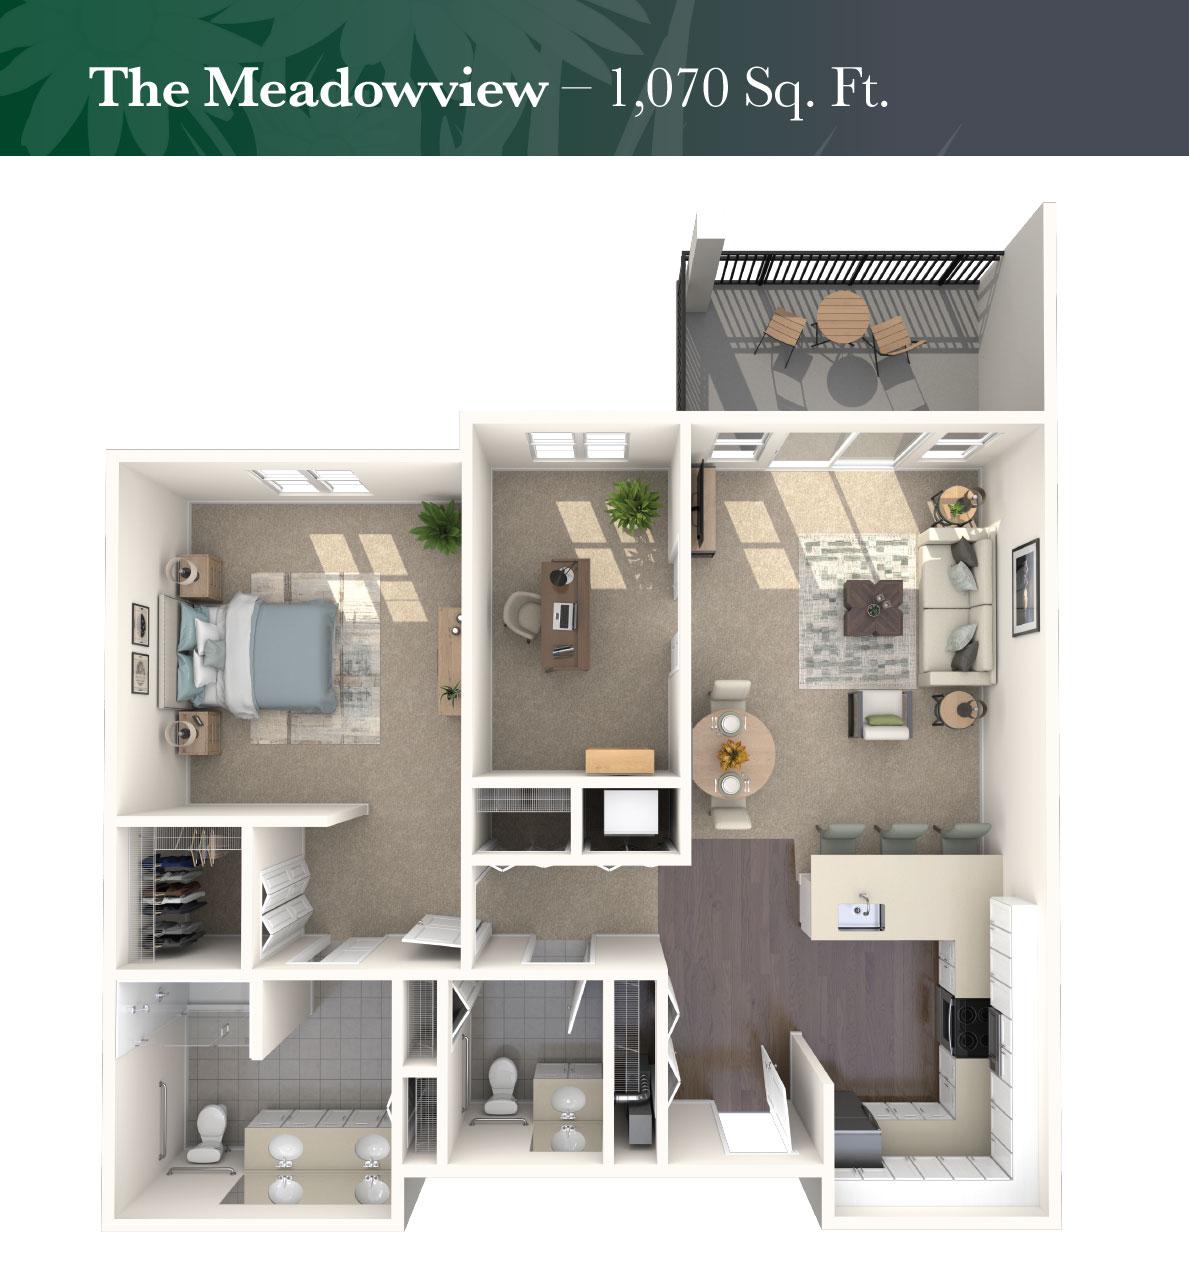 The Meadowview rendering